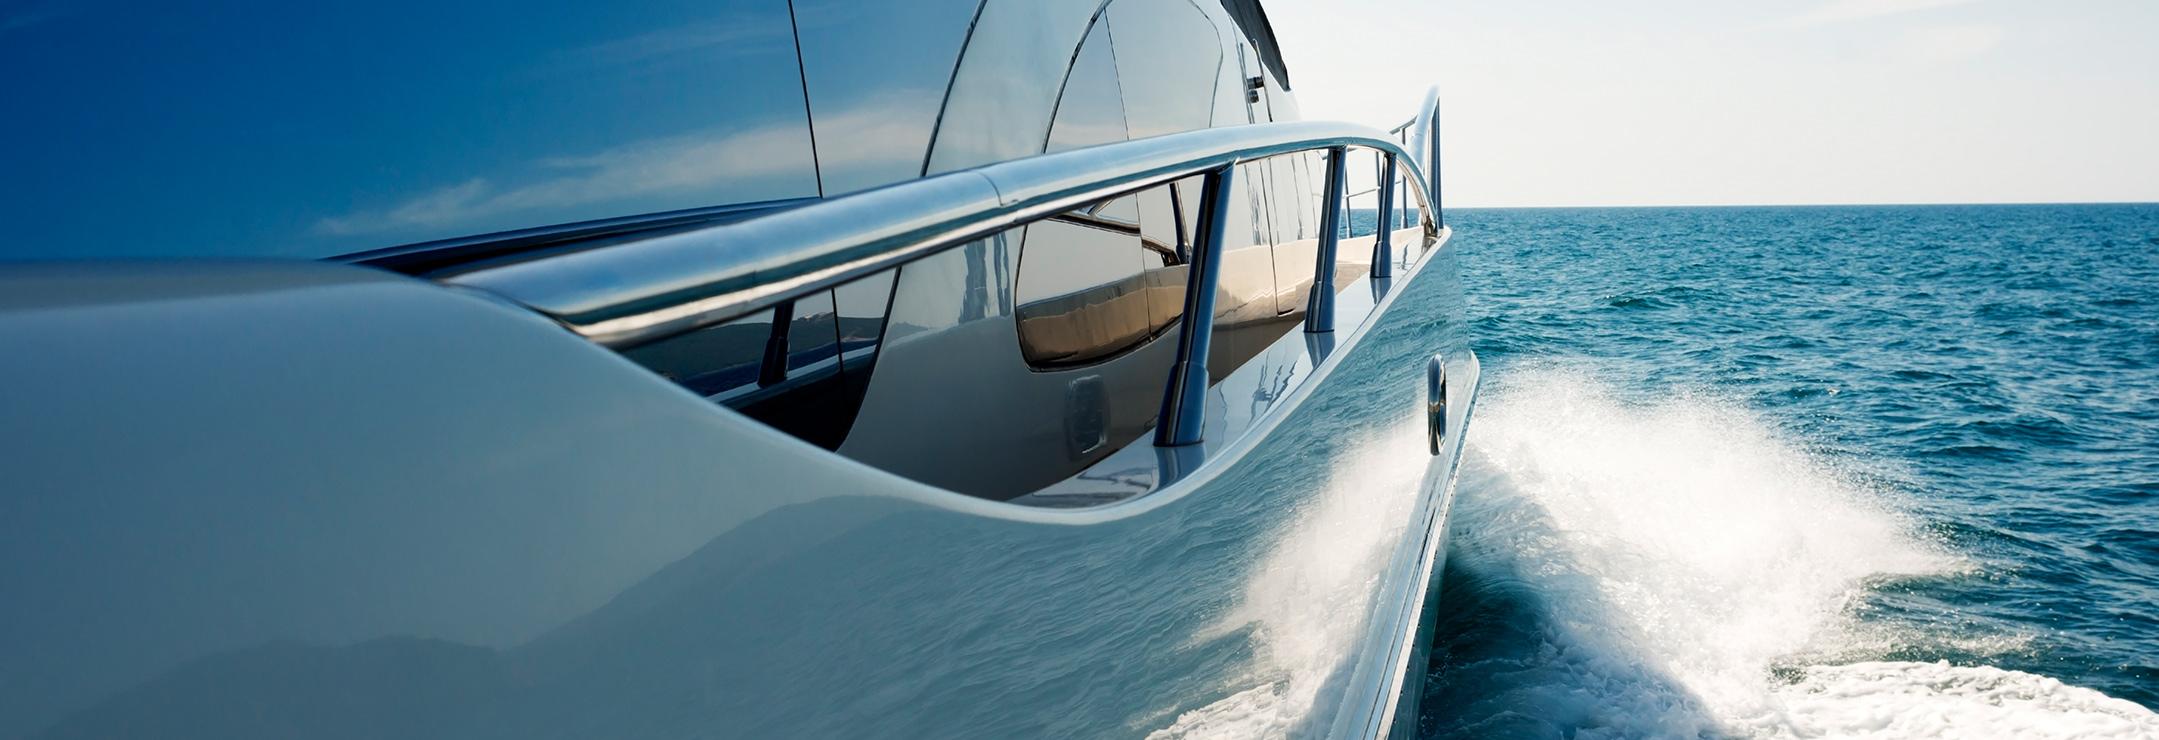 HEFKO Products - Plexus - Marine Klimaanlagen für Boote und Yachten